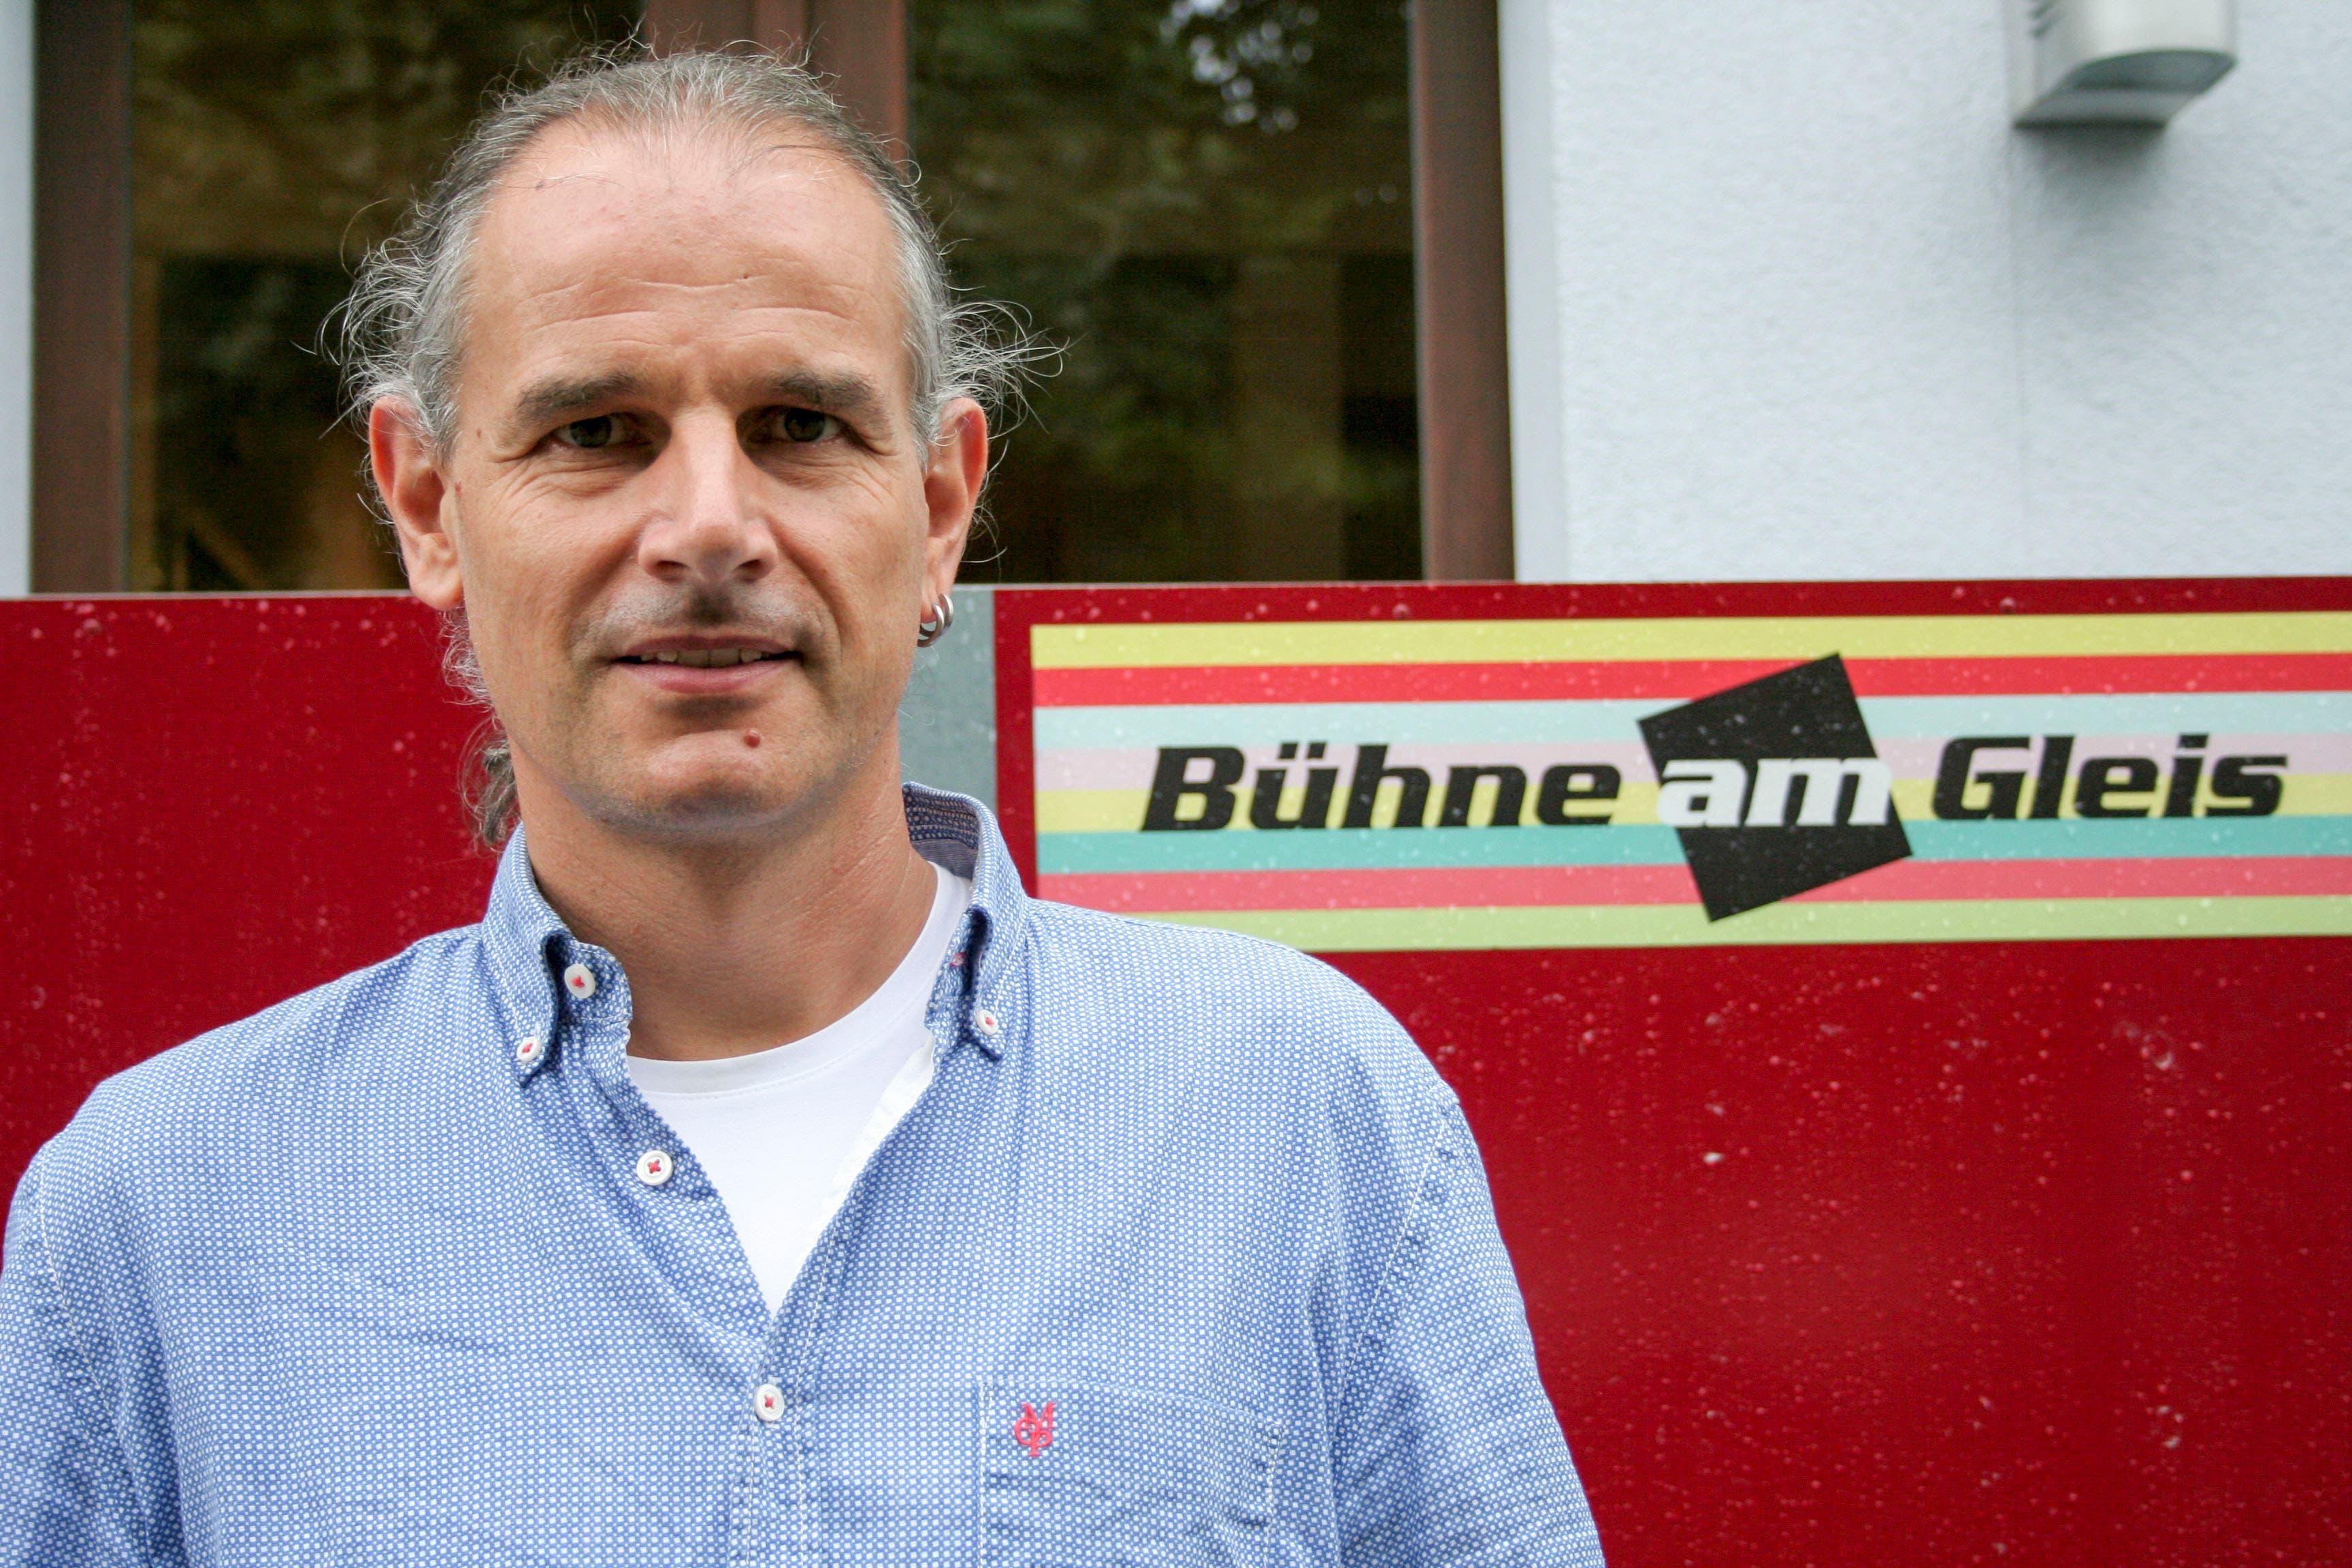 Michael Fischer, amtierender Präsident des Vereins Bühne am Gleis, freut sich über den Anerkennungspreis. (Bild: PD)